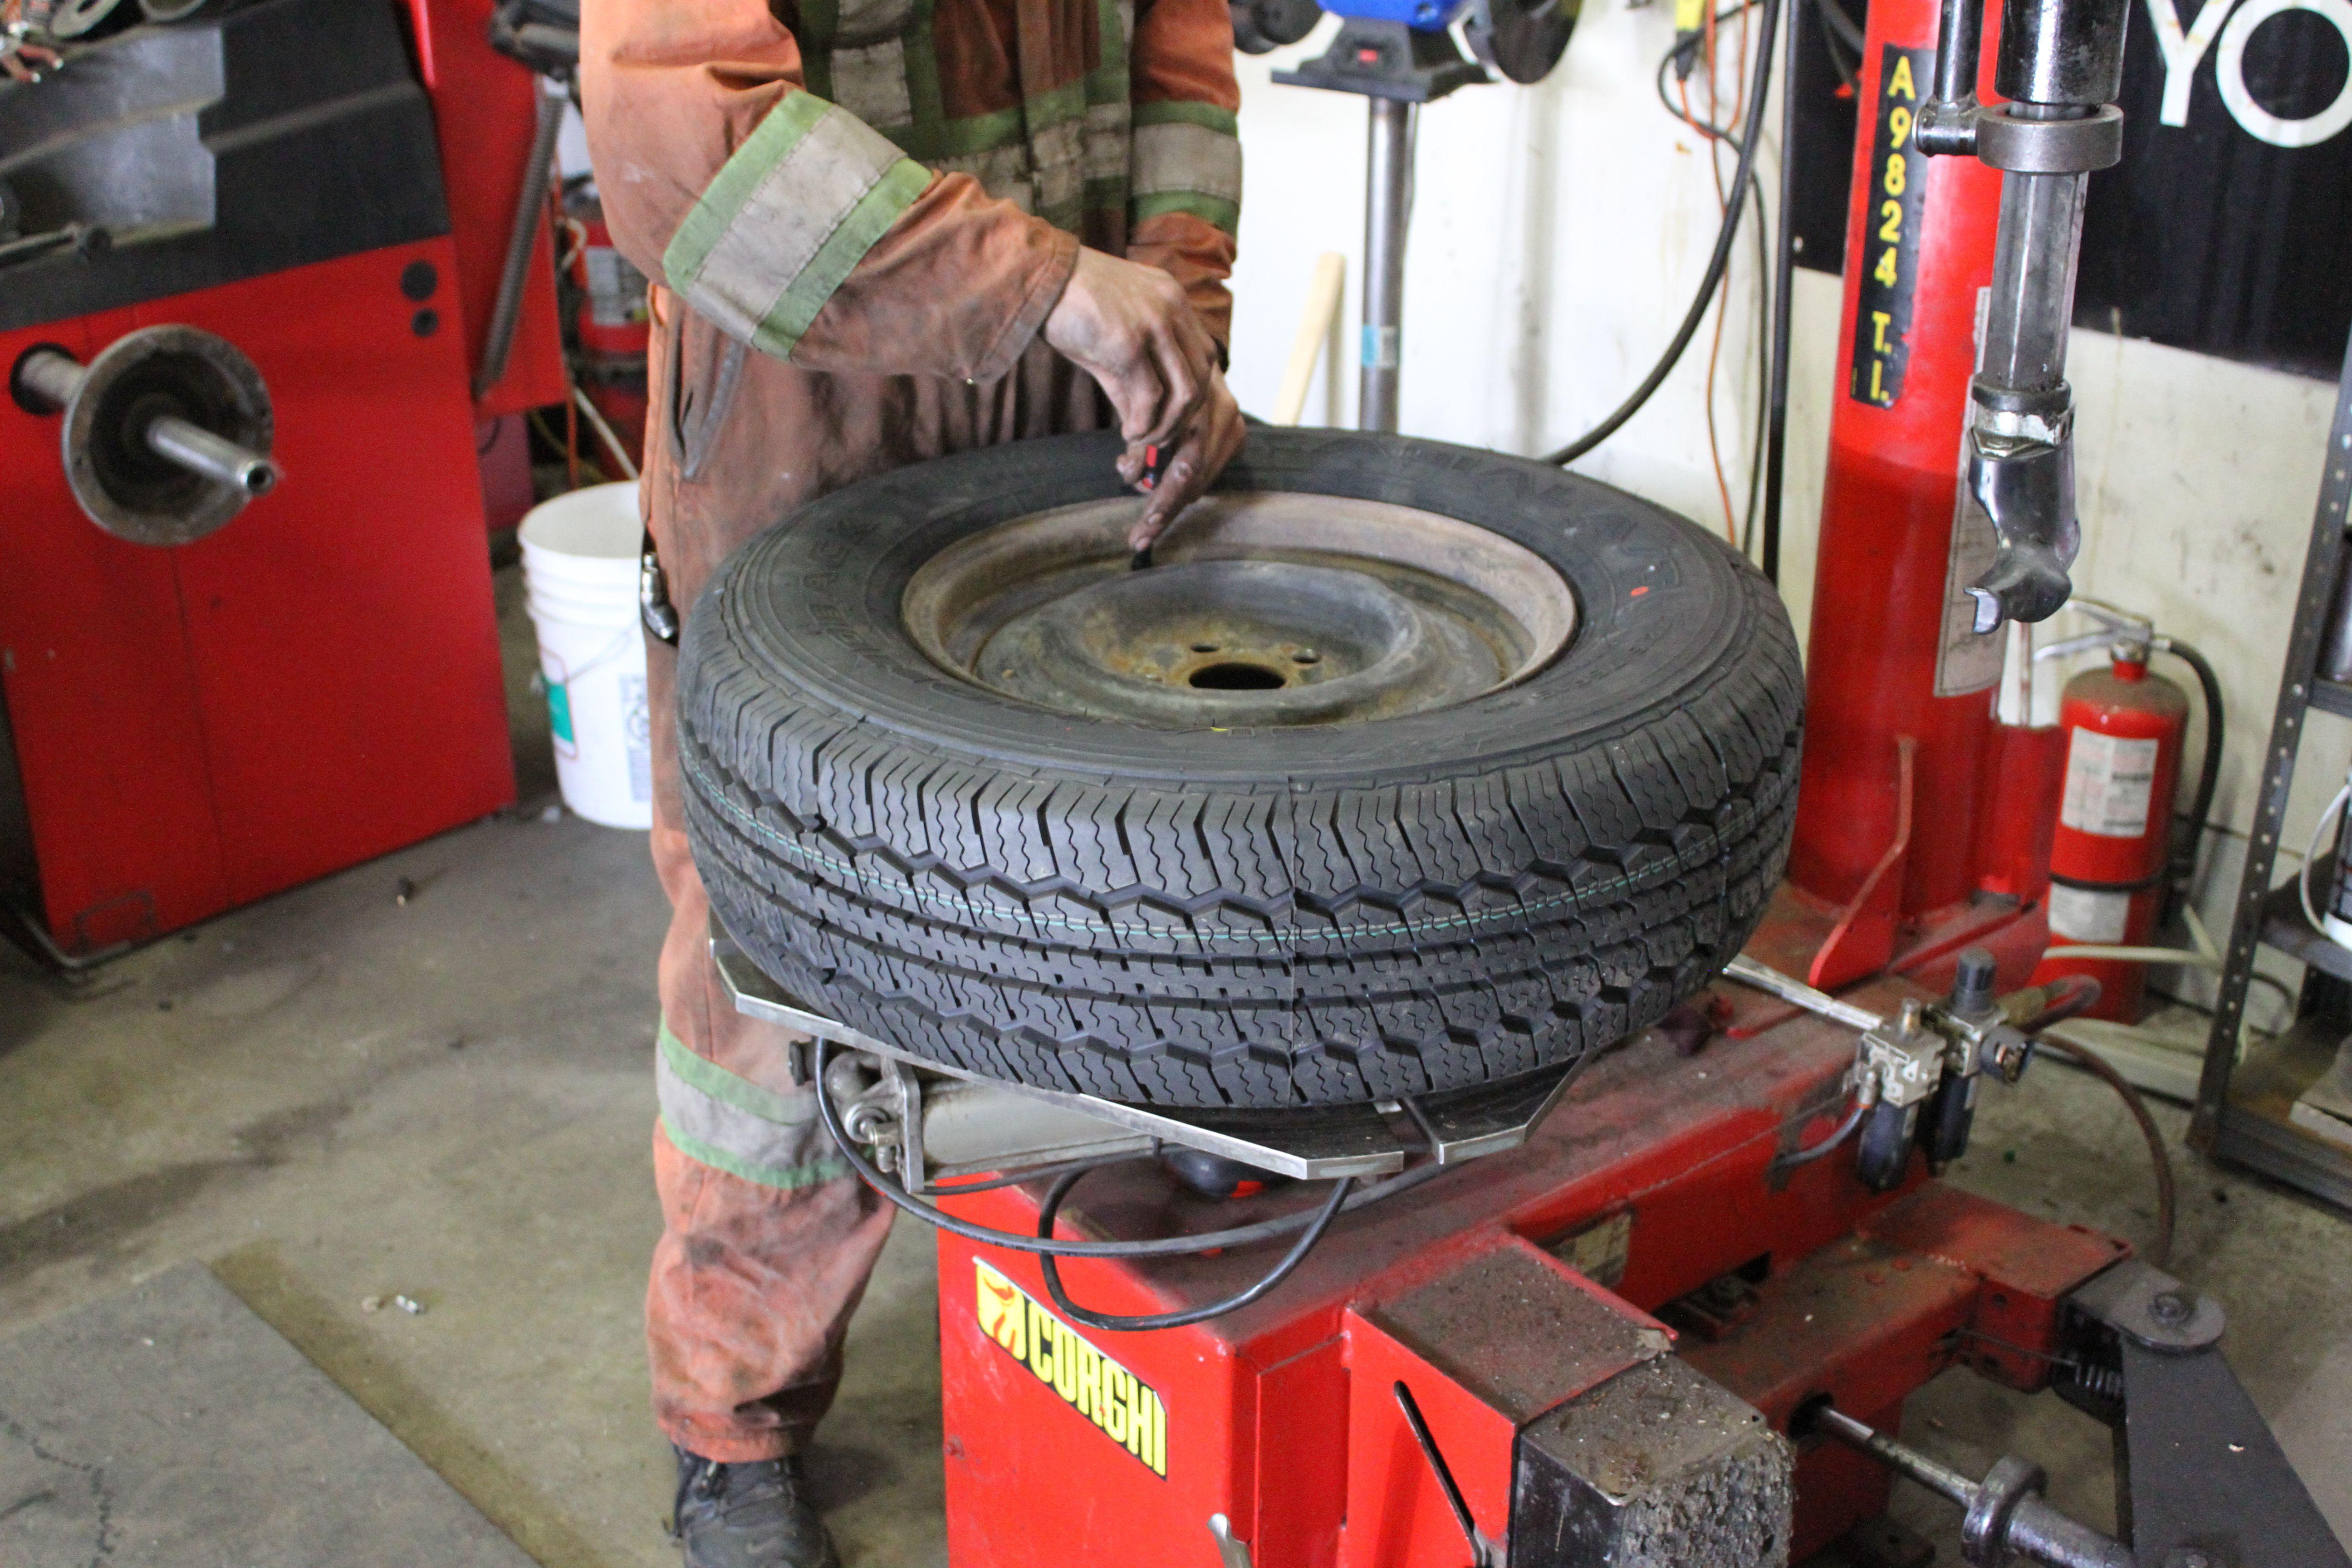 mobile tire repair in Vancouver Car repair service